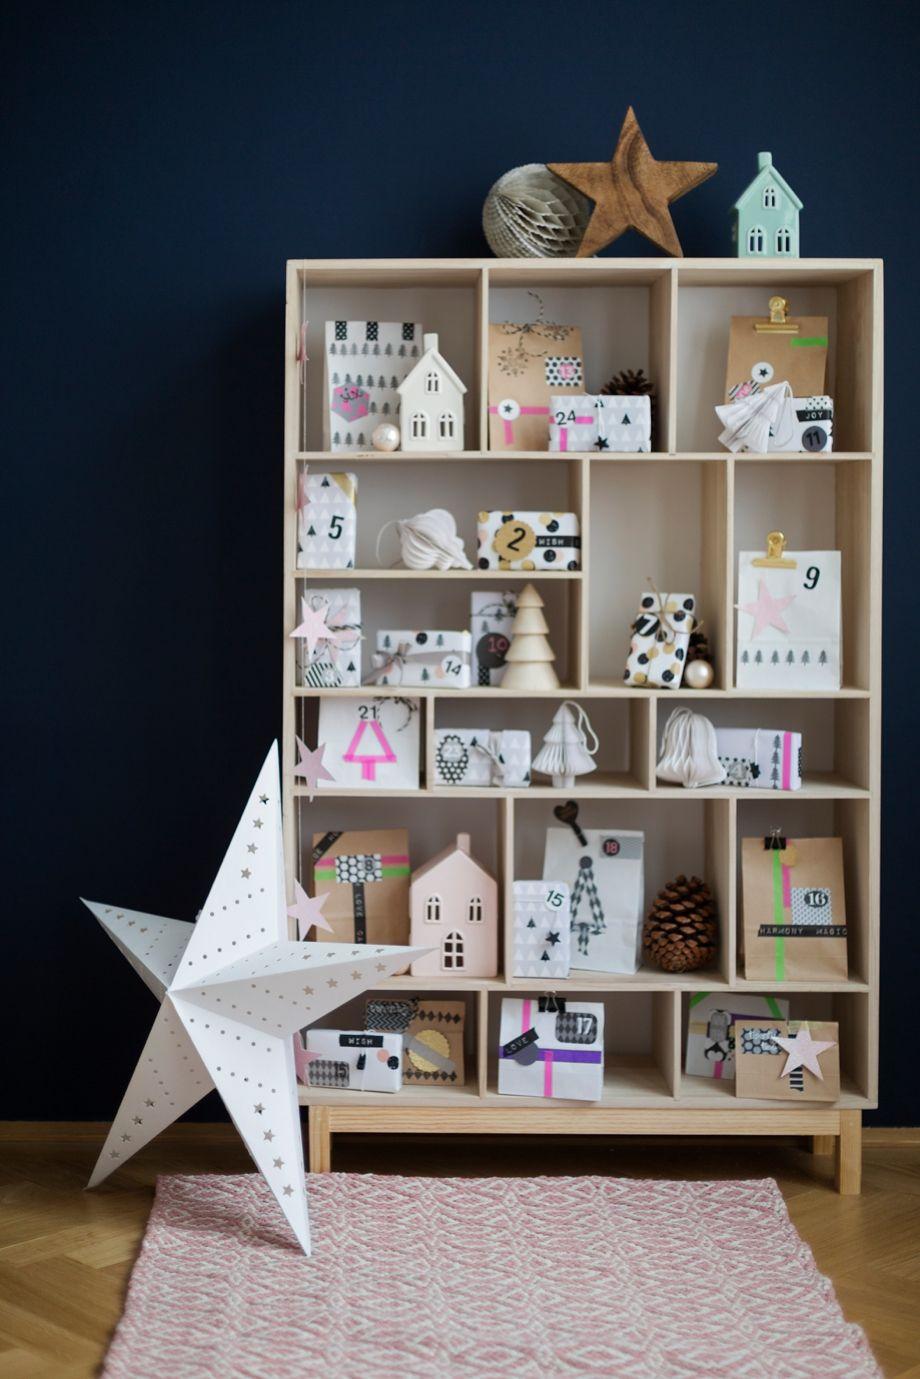 Diy adventskalender idee home christmas pinterest calendrier de avent et calendrier - Wiener wohnsinn ...